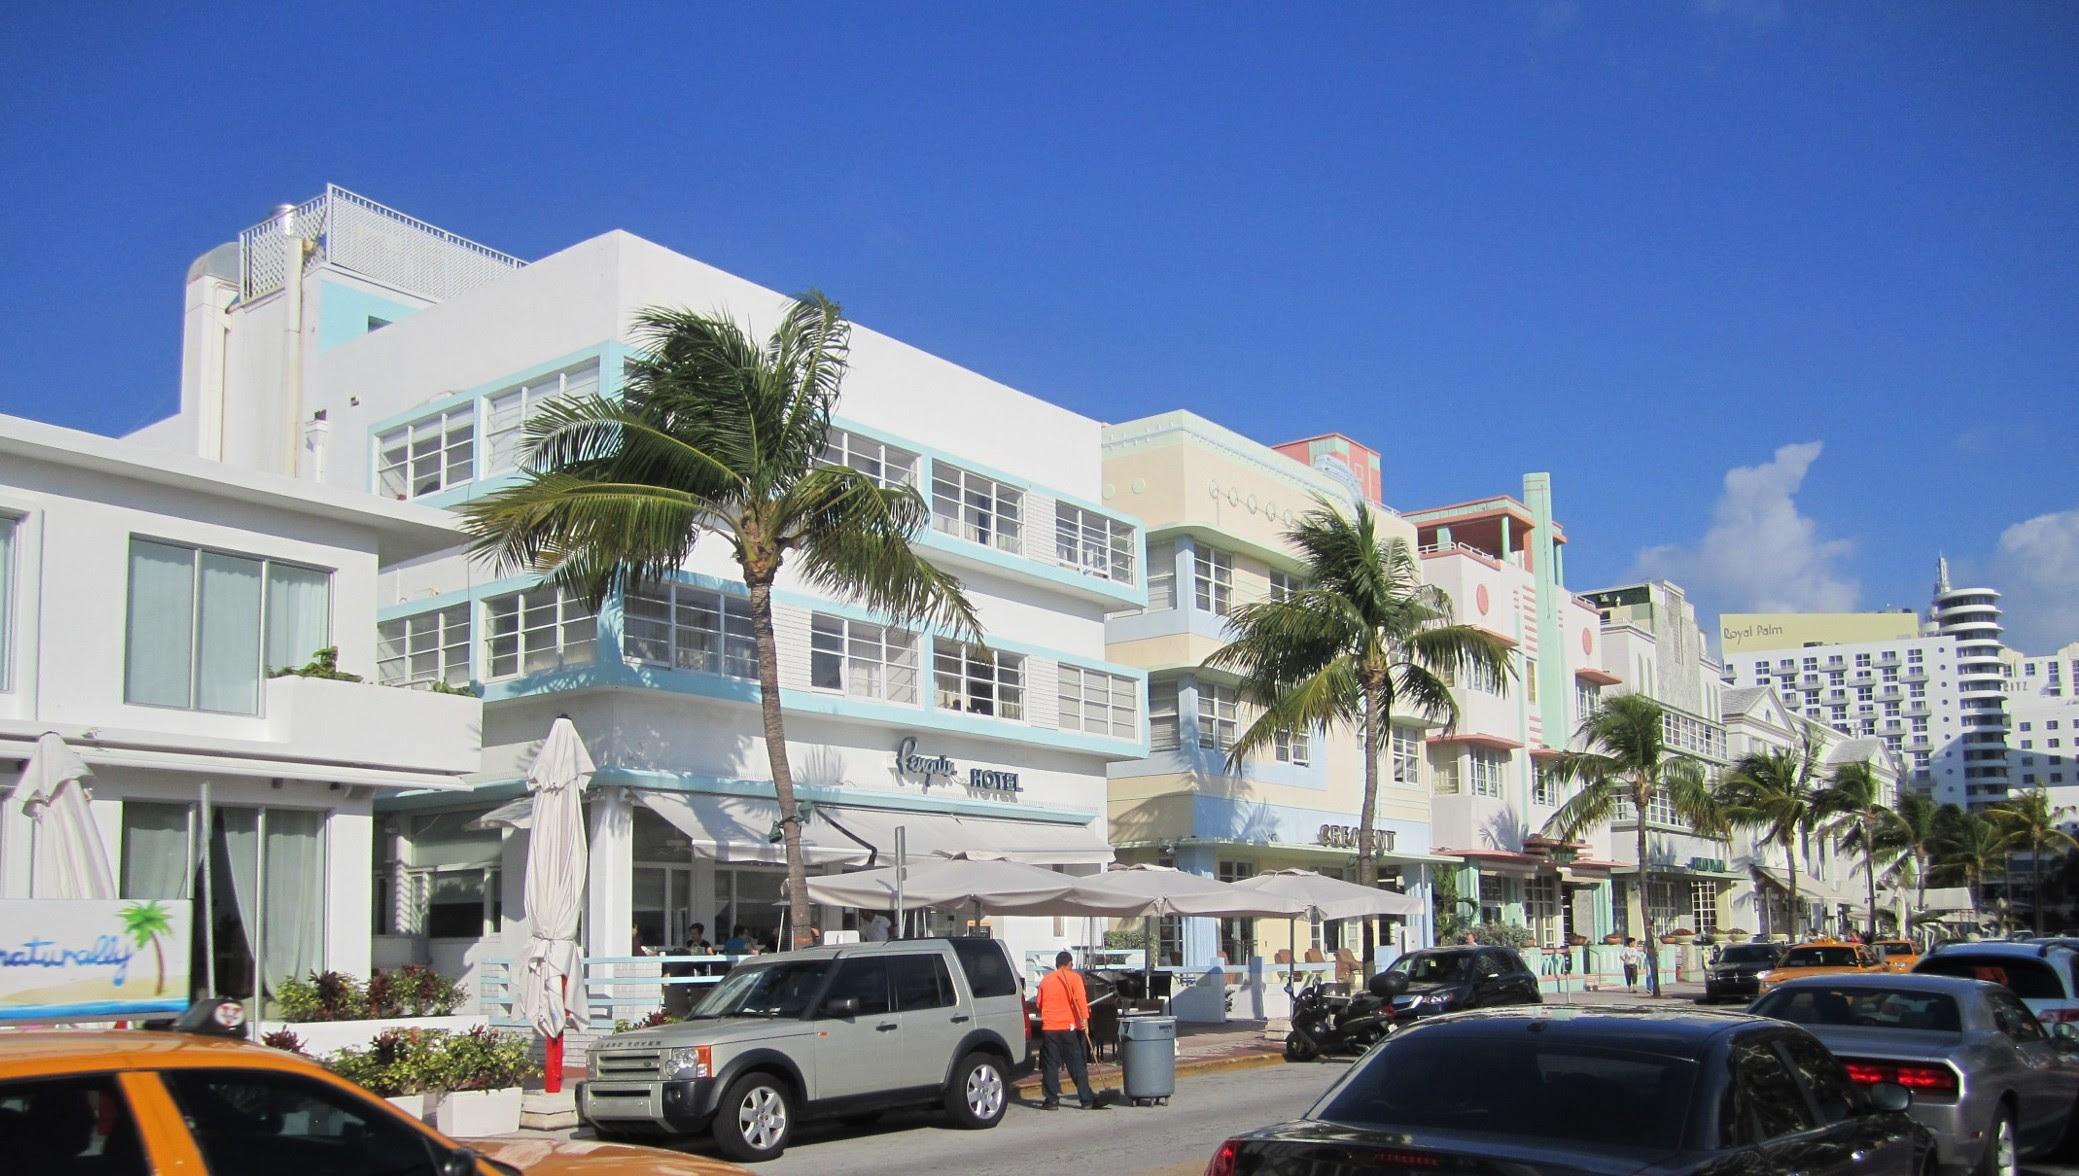 Car Rental Deals In Ft Lauderdale Airport